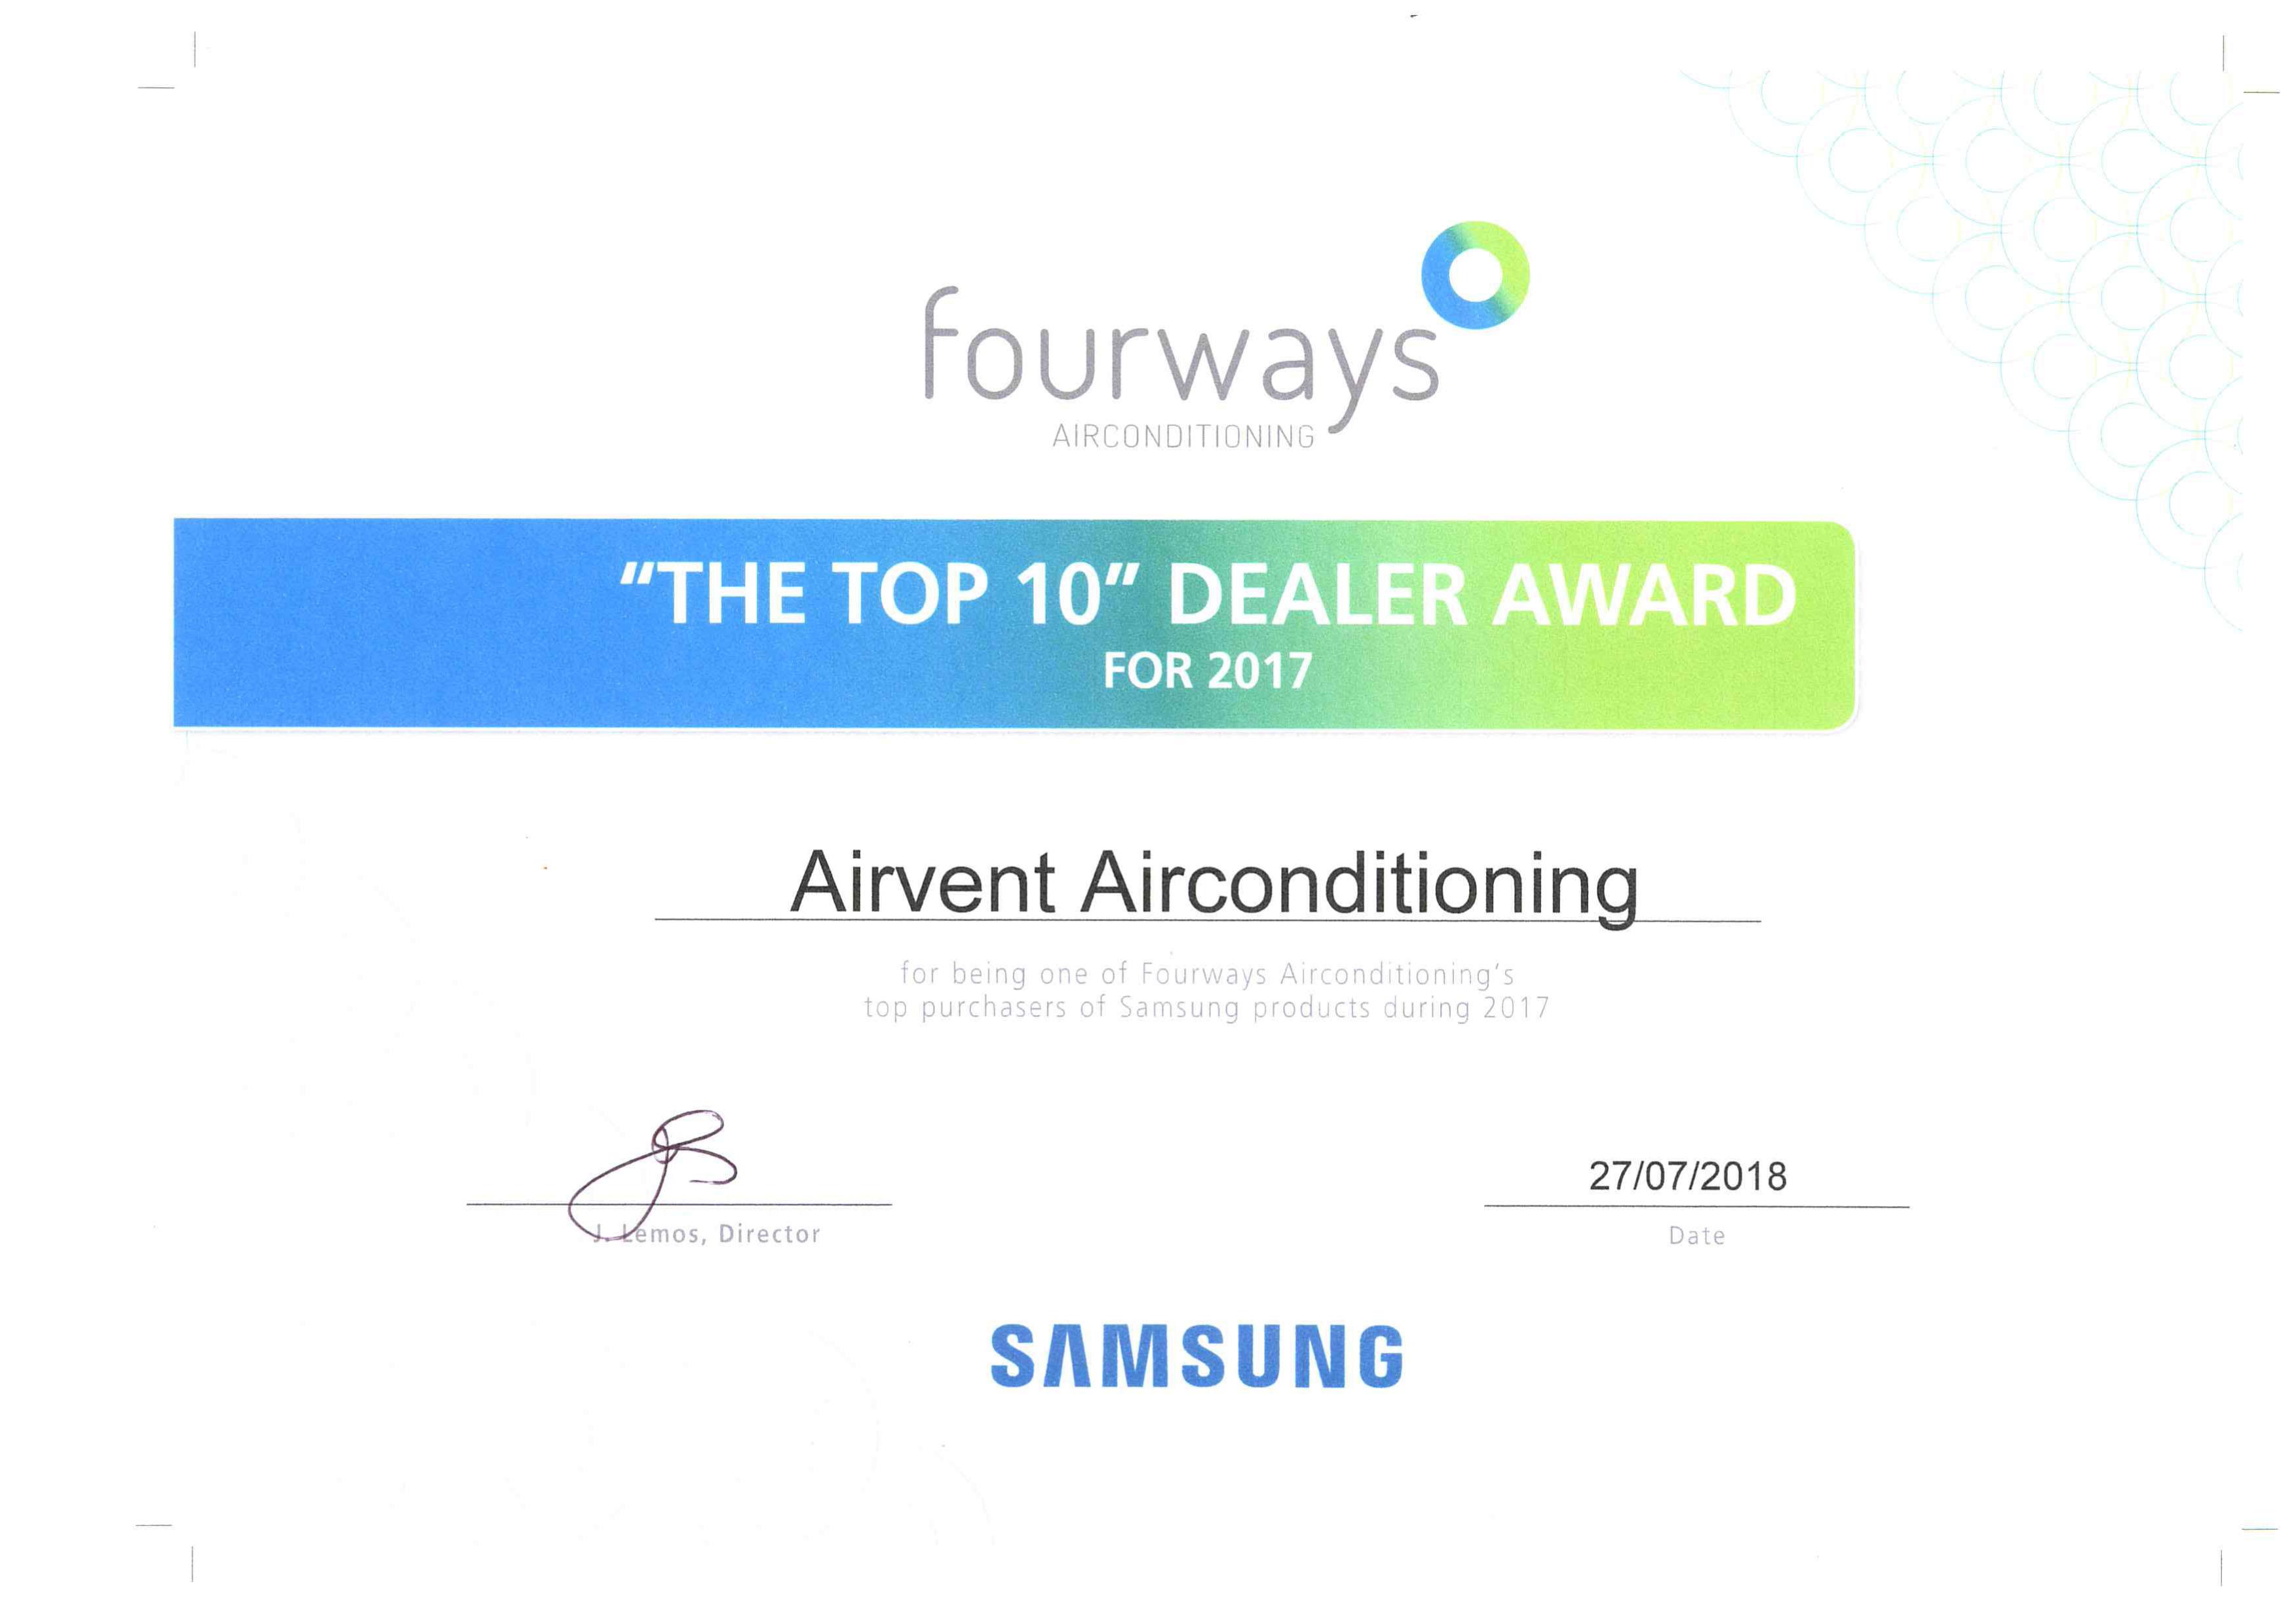 Samsung Award: Top 10 dealer award 2017